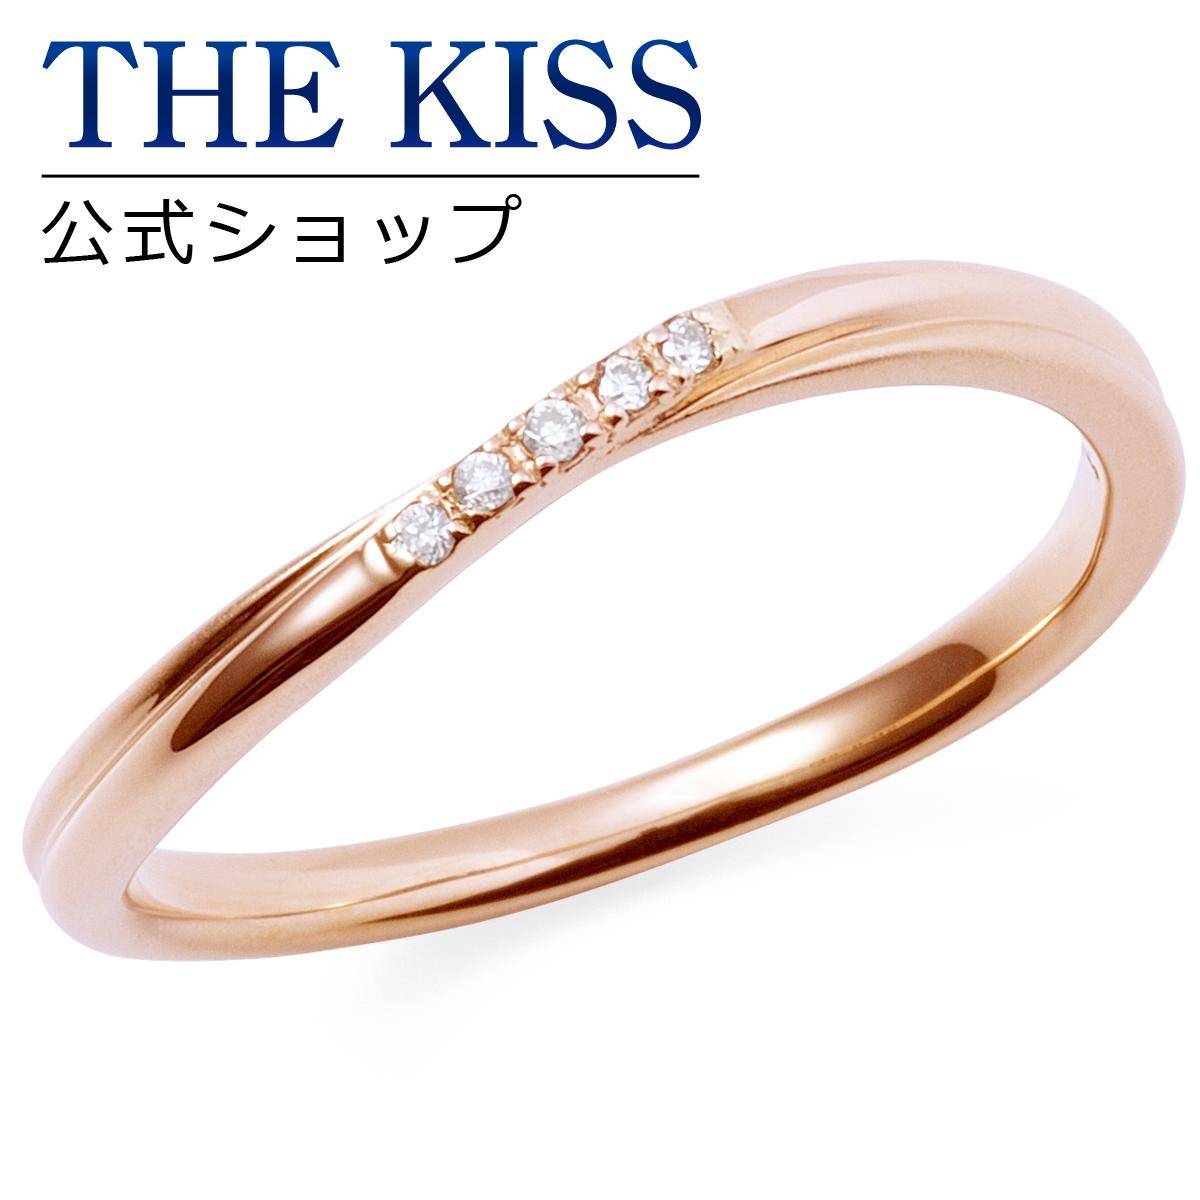 【あす楽対応】【送料無料】【THE KISS sweets】【ペアリング】 K10ピンクゴールド レディース リング (レディース単品) K-R2926PG ☆ ゴールド ペア リング 指輪 ブランド GOLD Pair Ring couple